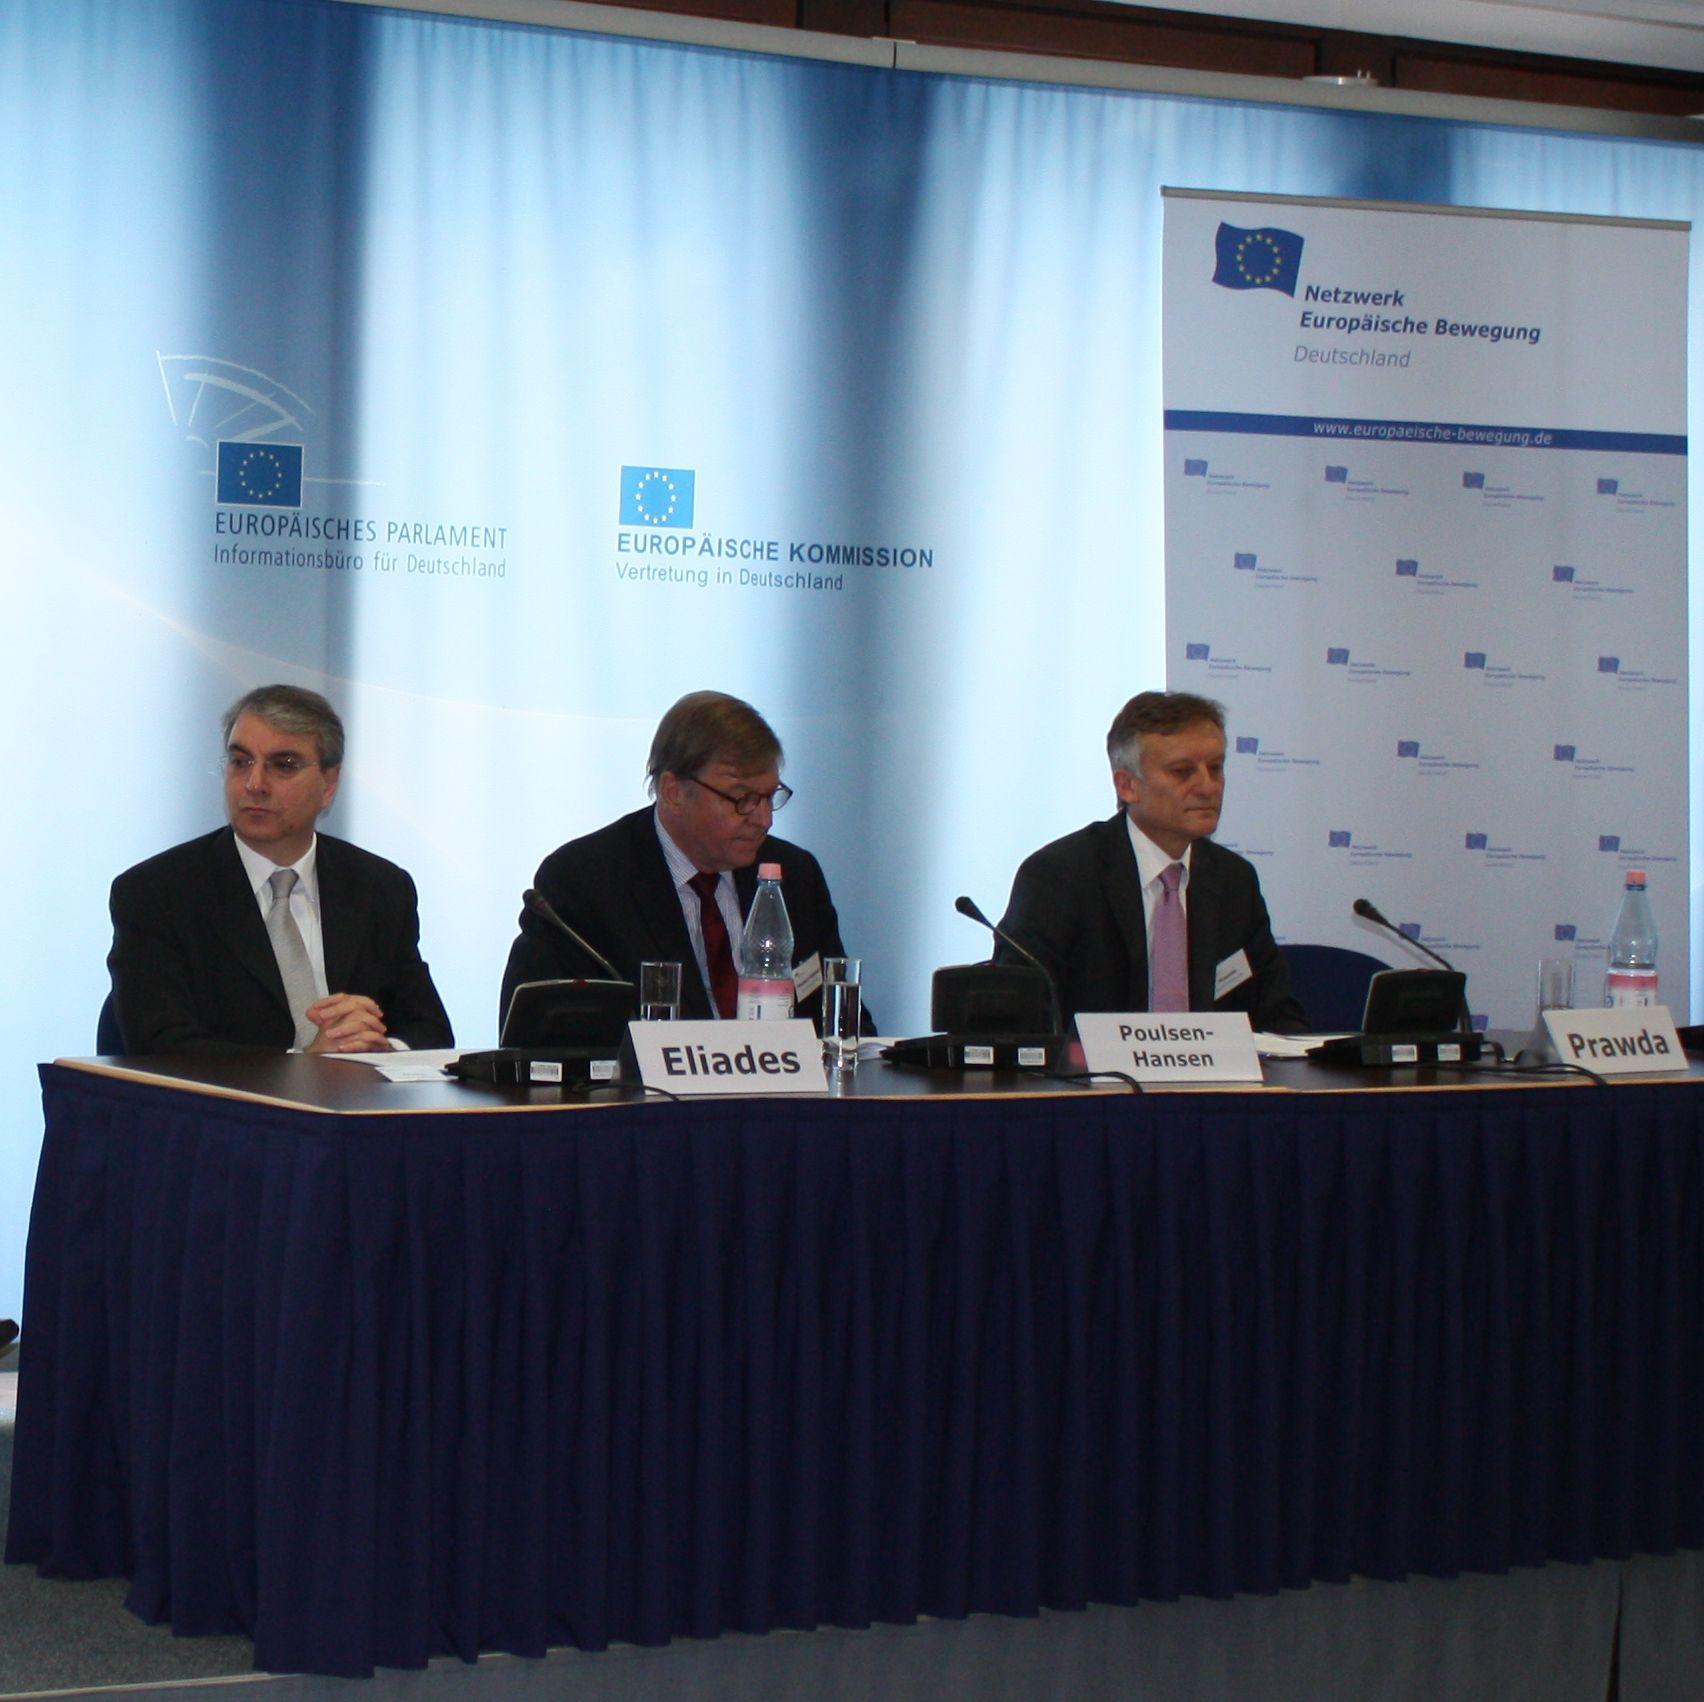 Ärmel hochkrempeln und los! EU-Briefing zur Trio-Ratspräsidentschaft blickt auf intensive 18 Monate